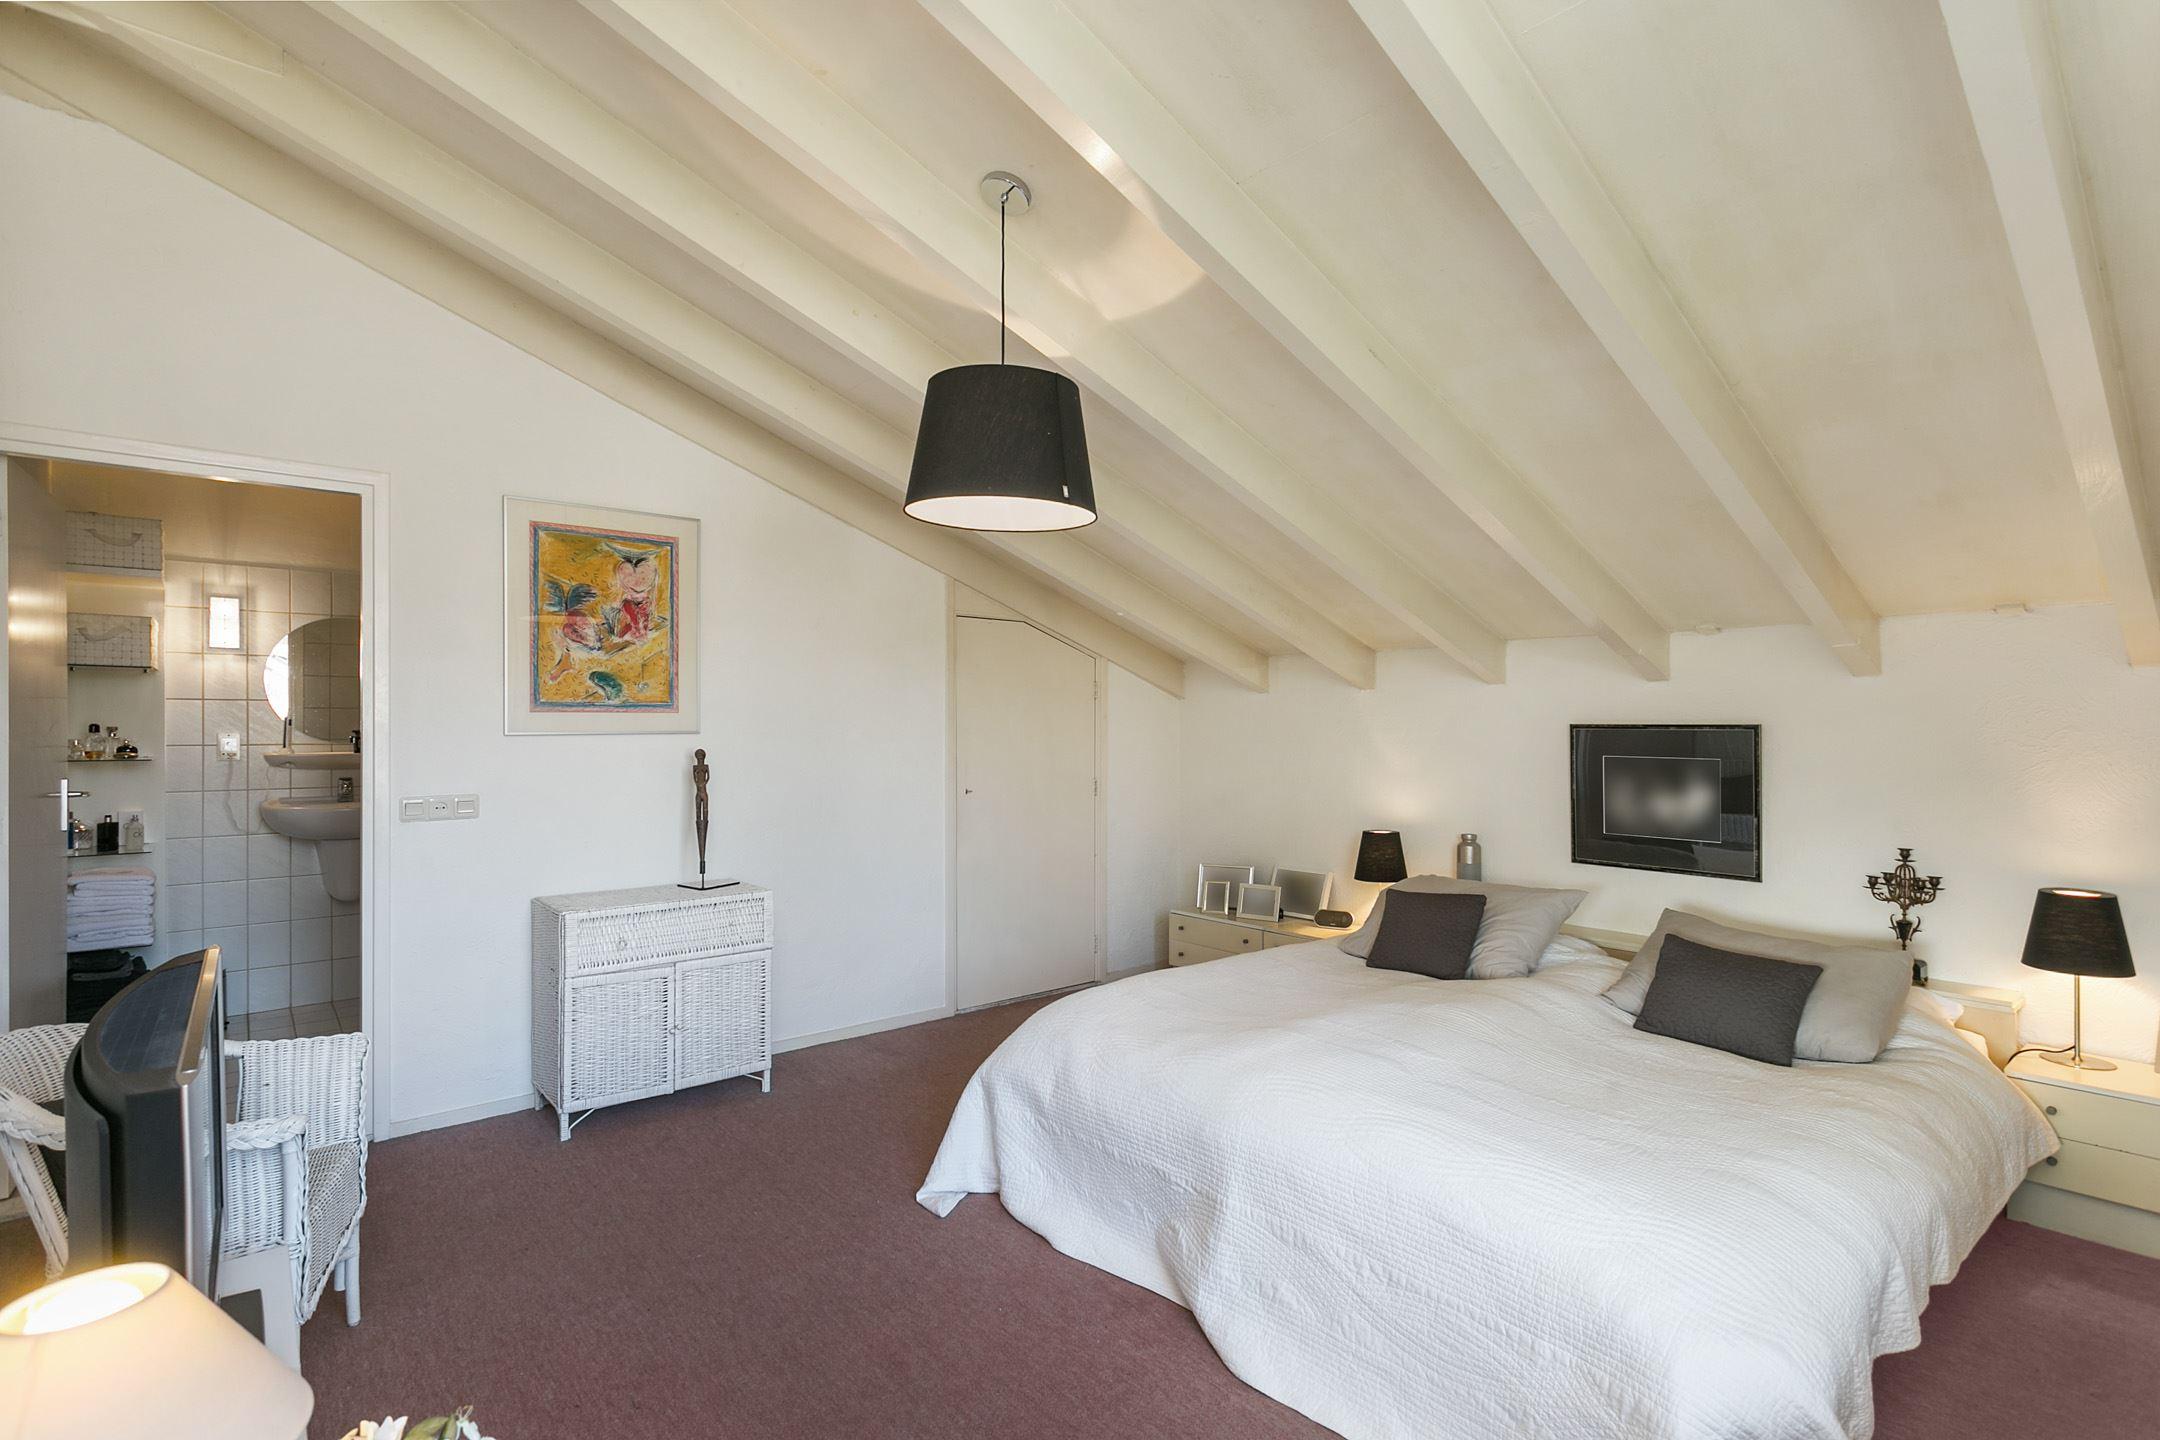 Huis te koop egbertdonk 6 4707 vn roosendaal funda for Funda dubbele bewoning